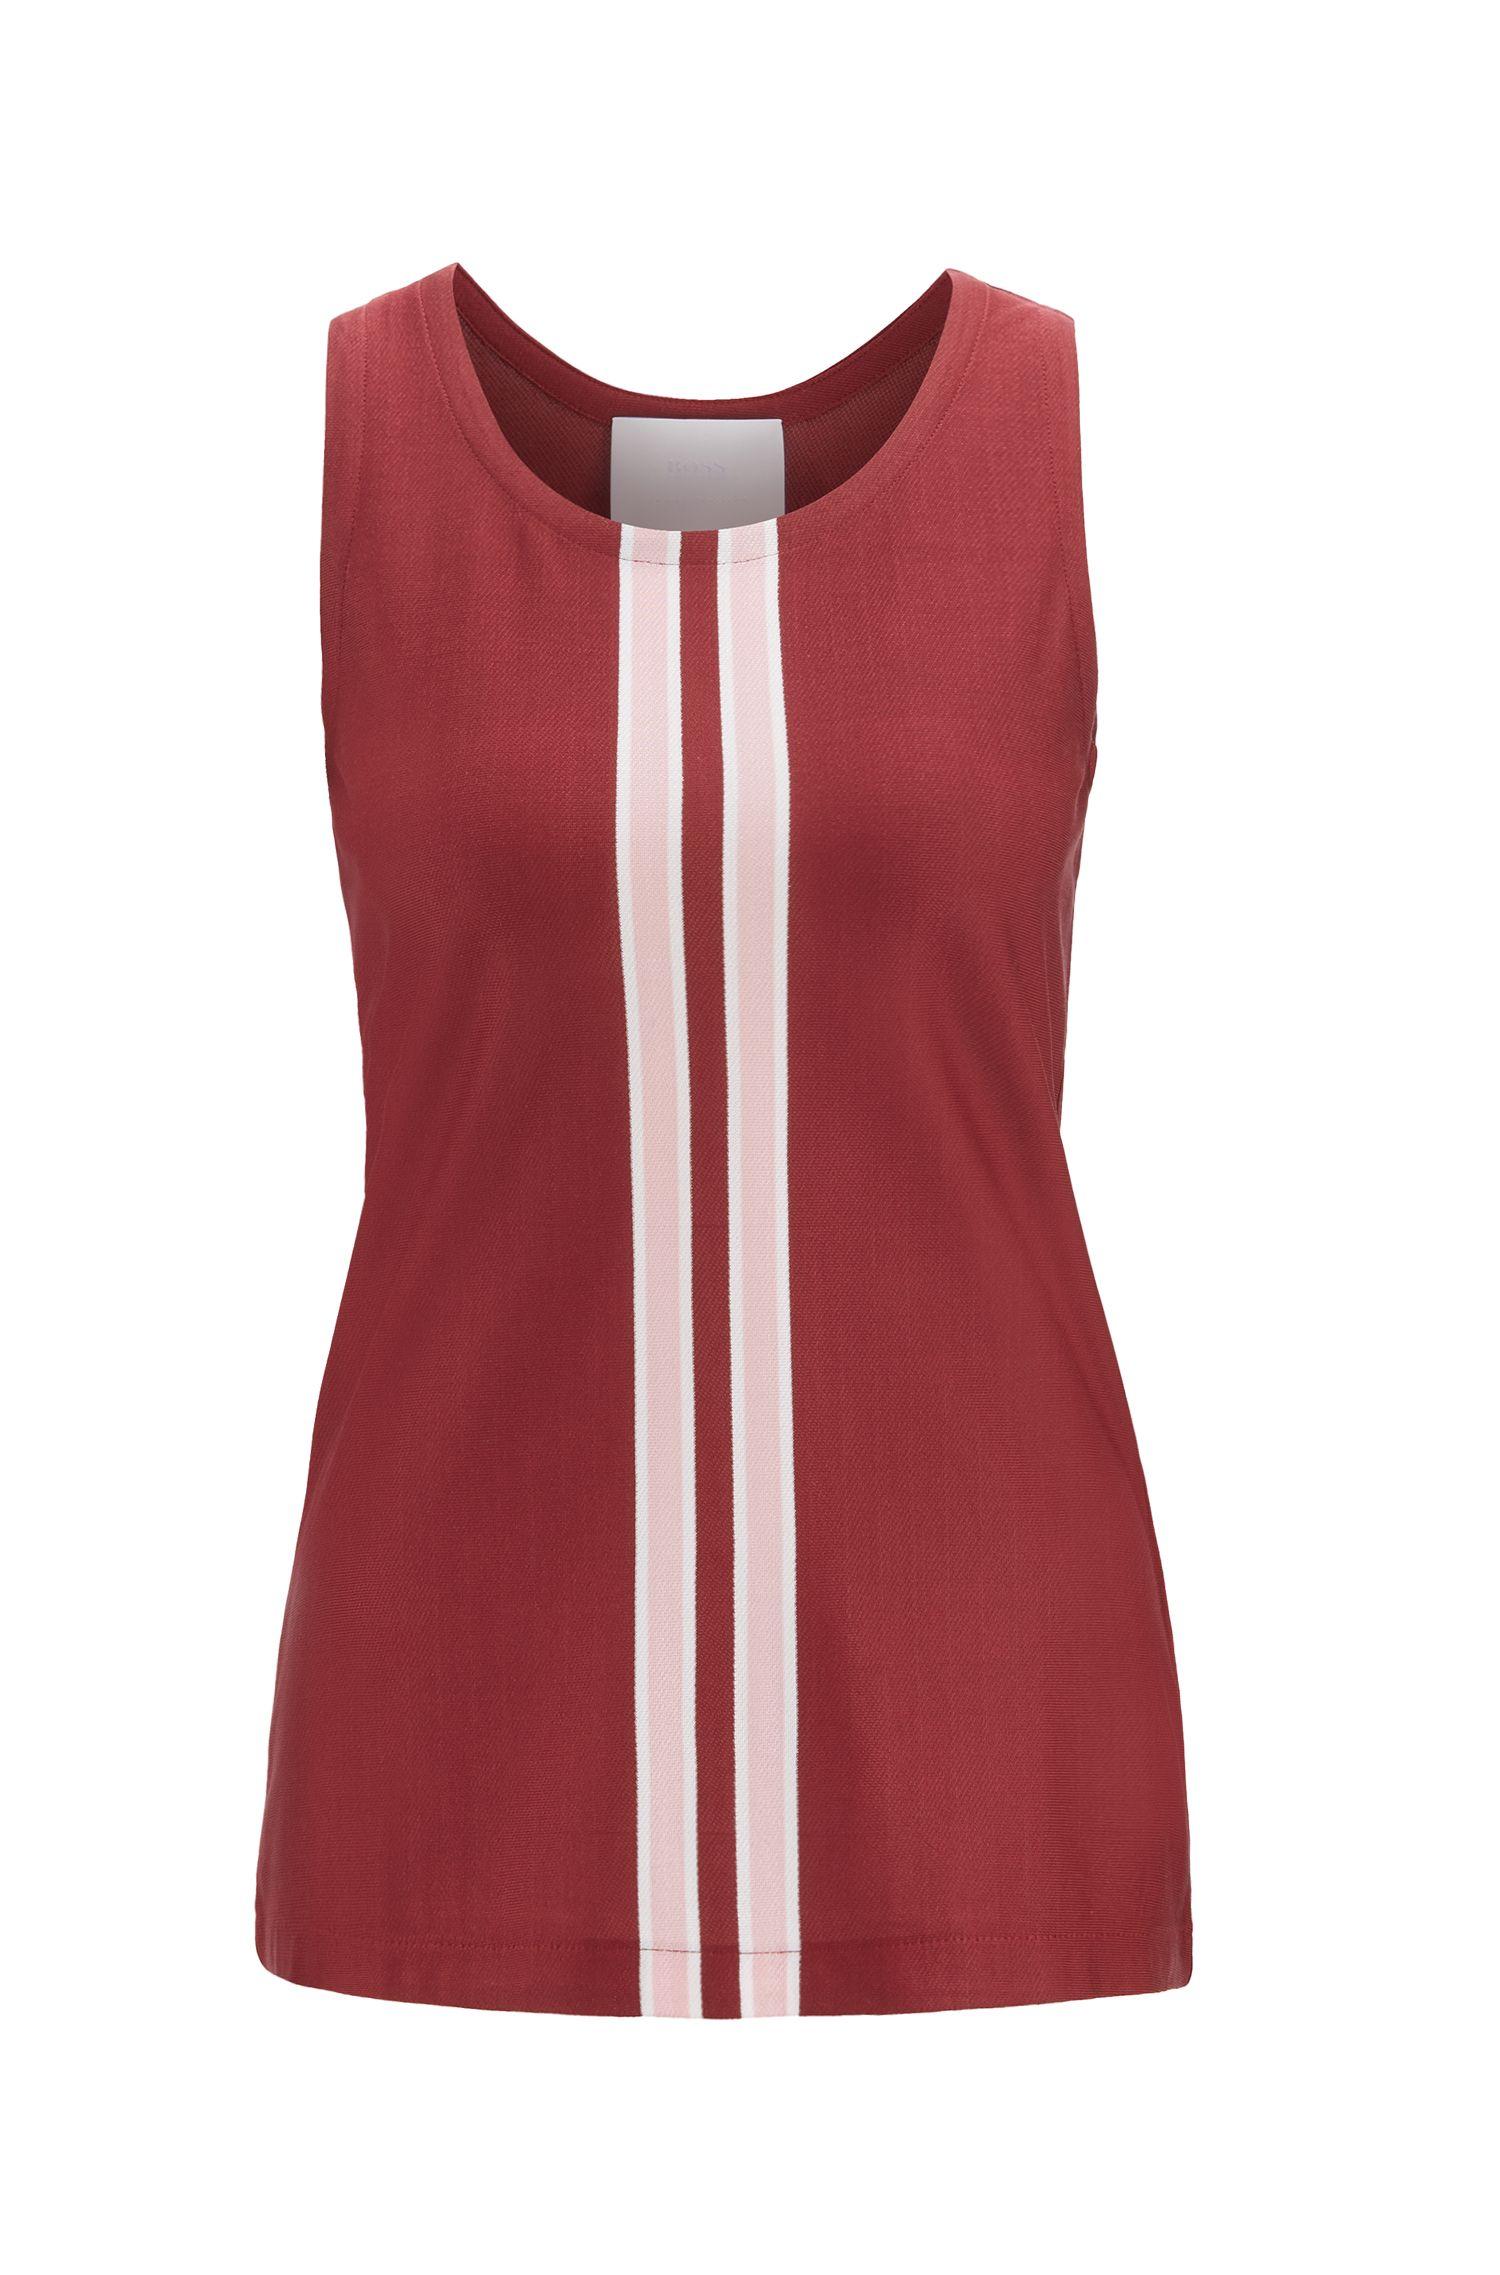 Haut de défilé en jersey italien à rayures en maille, Rouge sombre